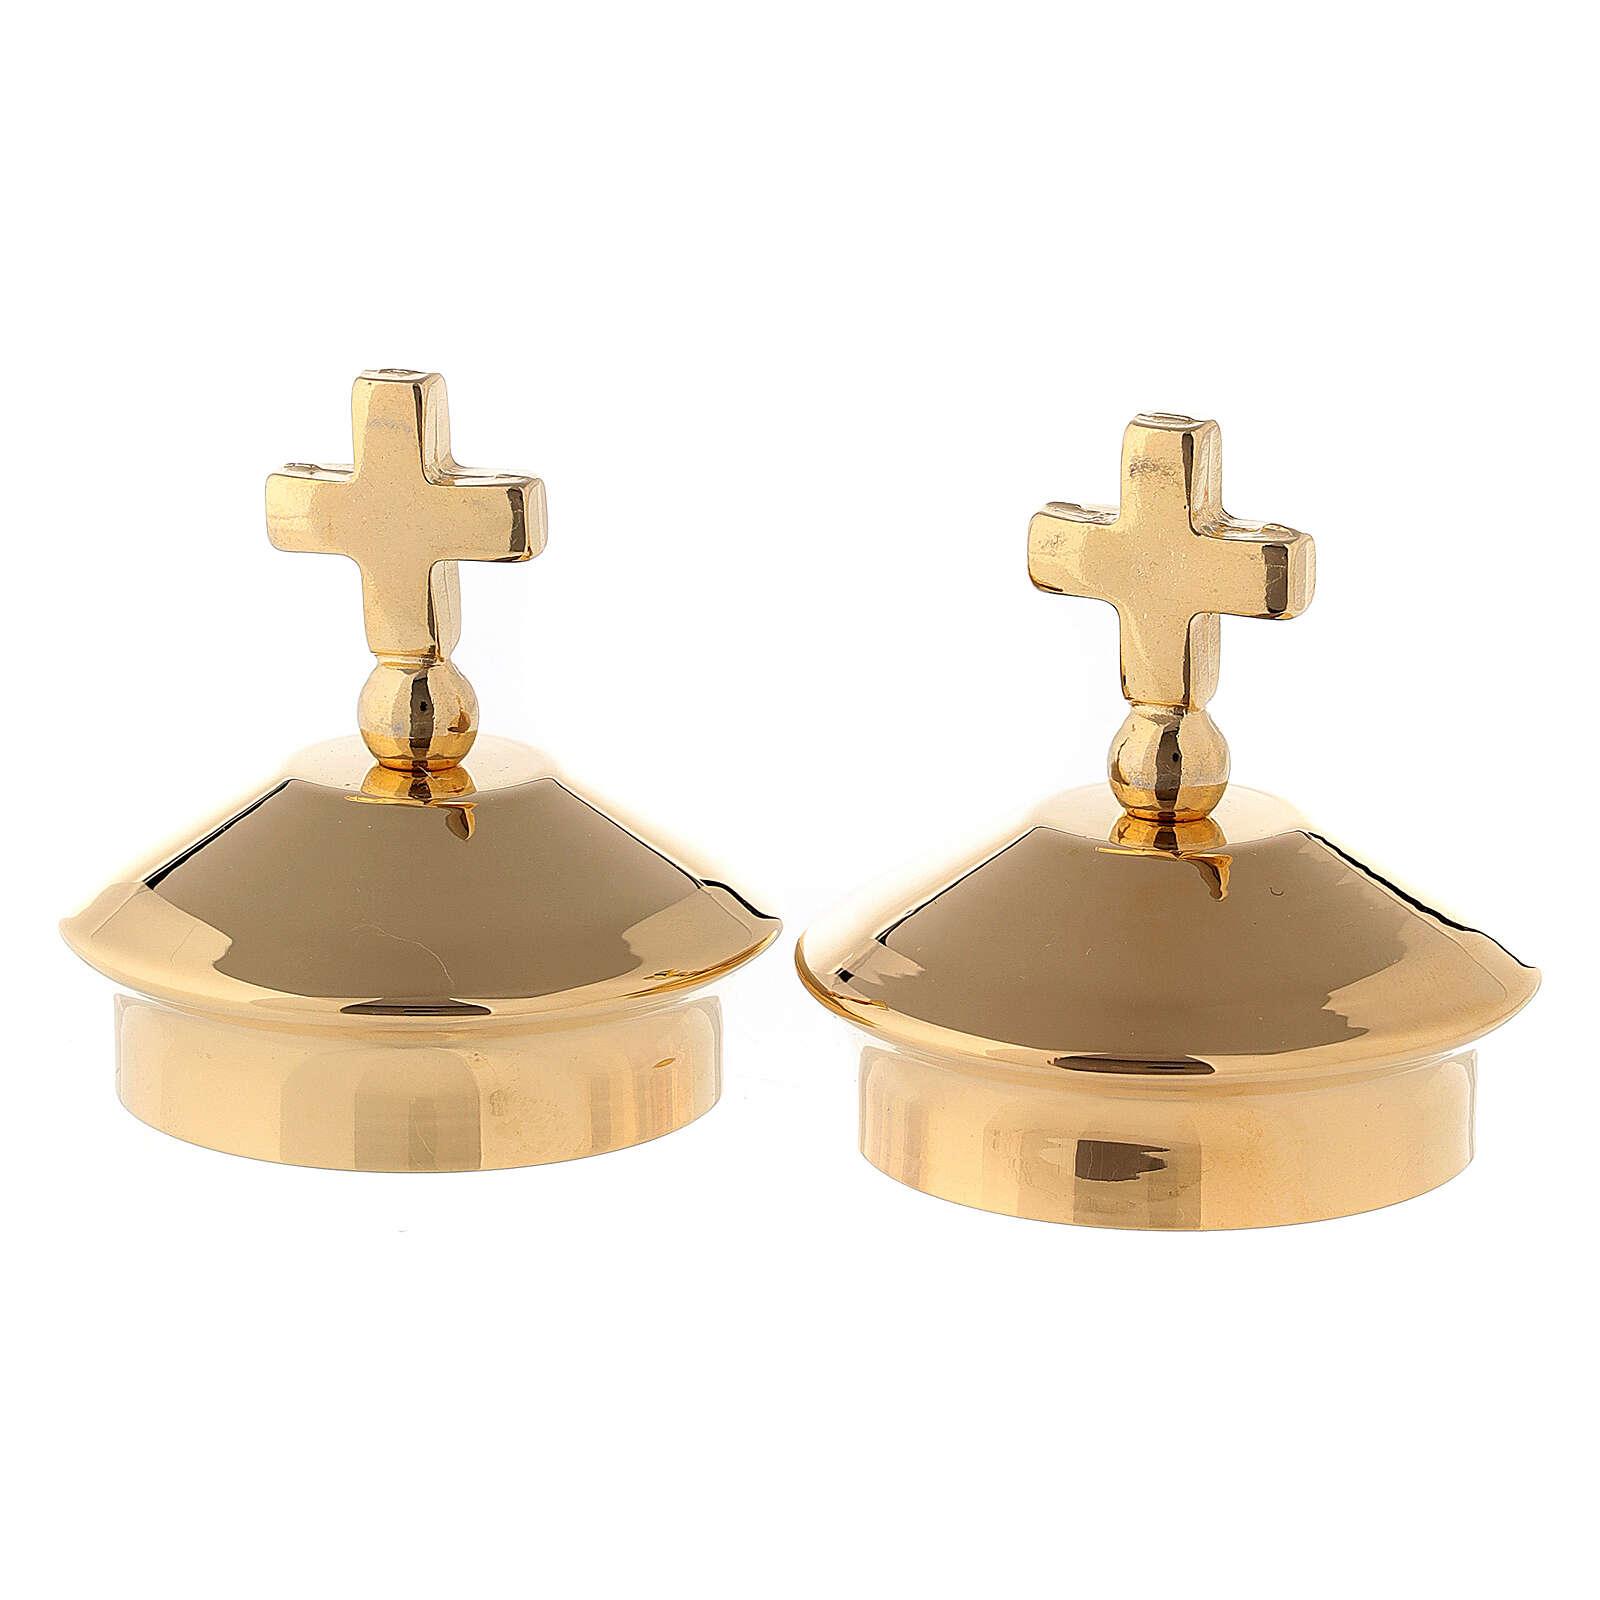 Bouchons pour burettes modèles Fiesole - Côme laiton doré 24K 4